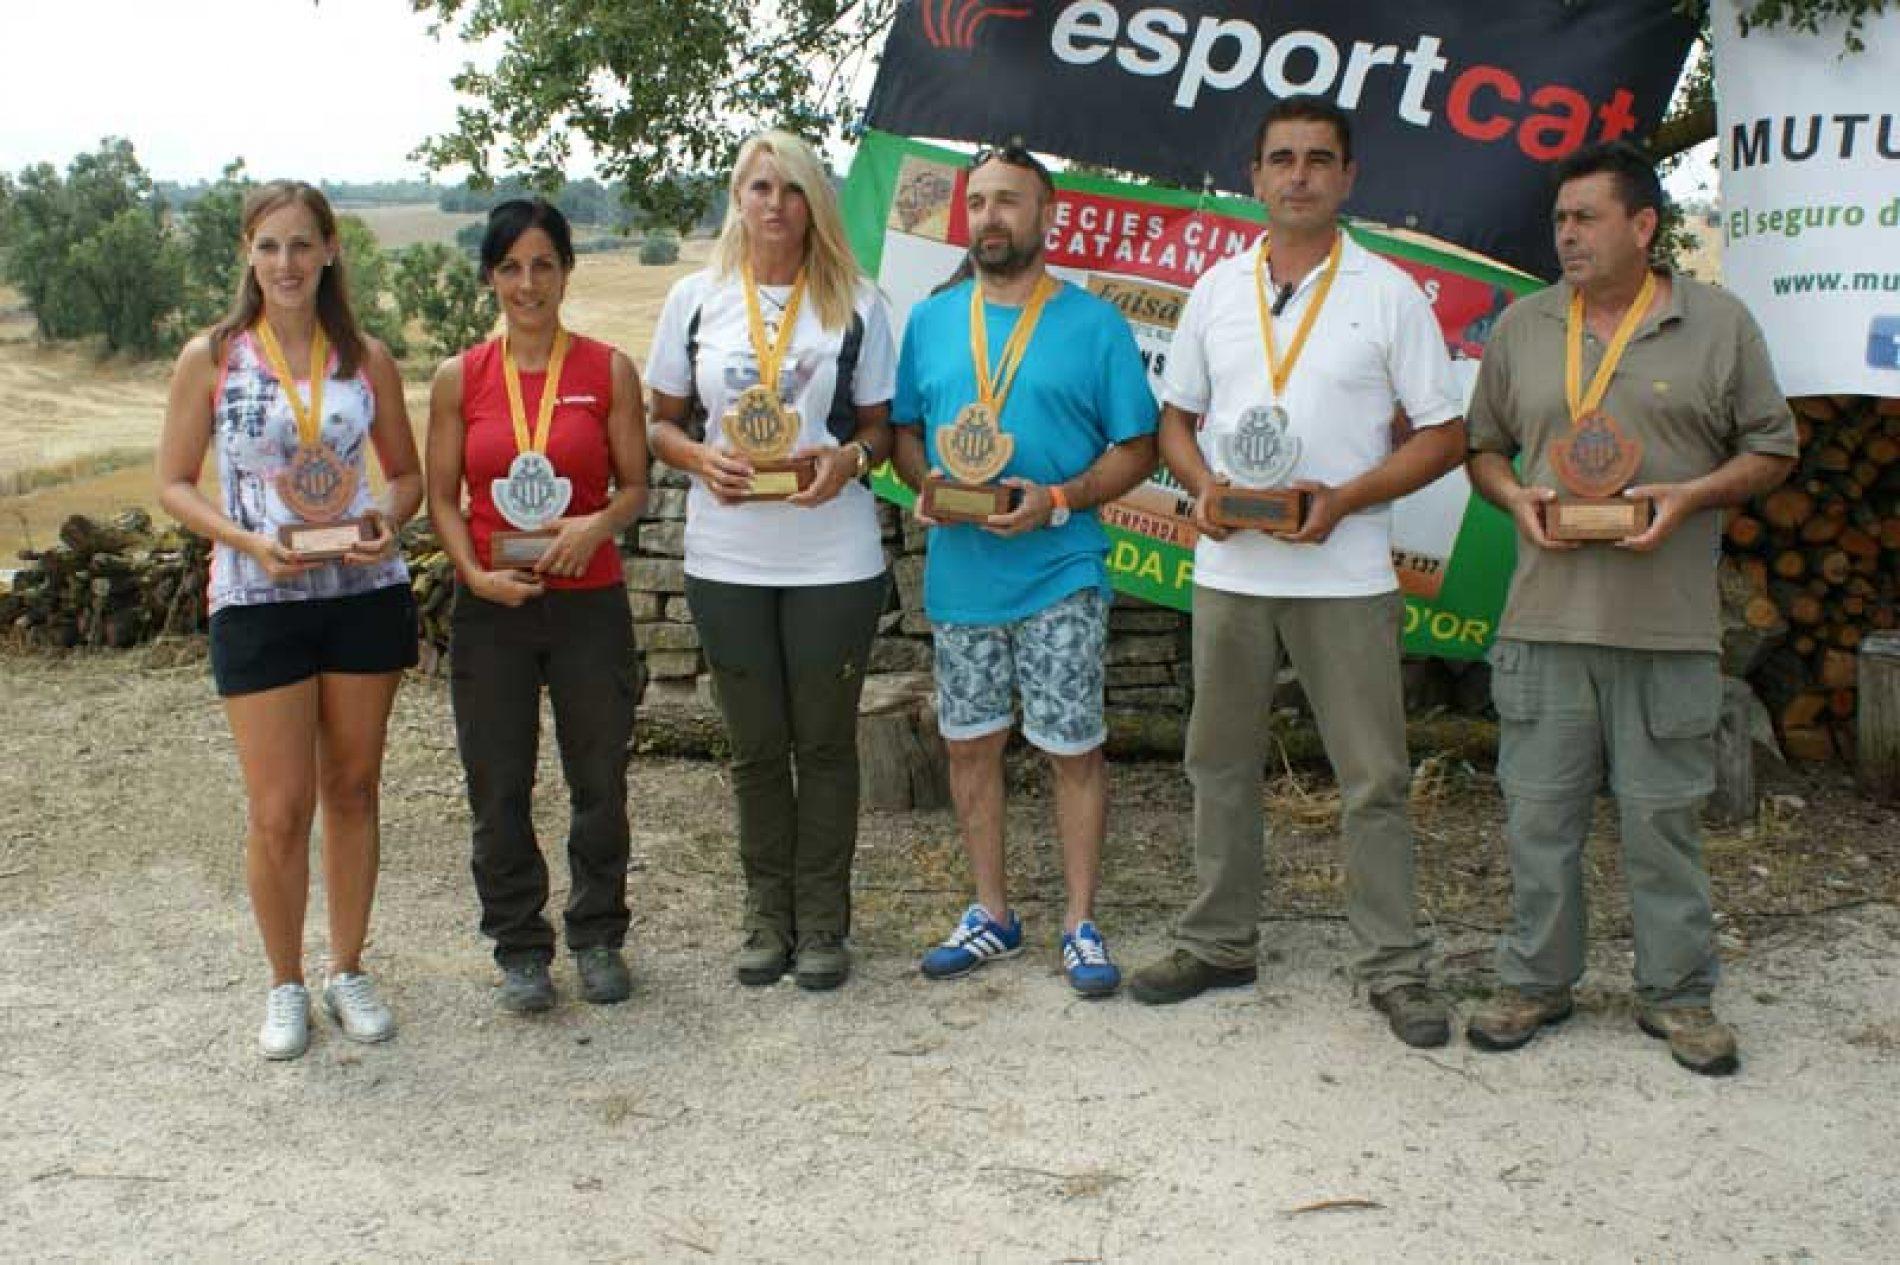 Francisco Javier Caballero y Eva Rius campeones del XV Campeonato de Cataluña de San Huberto